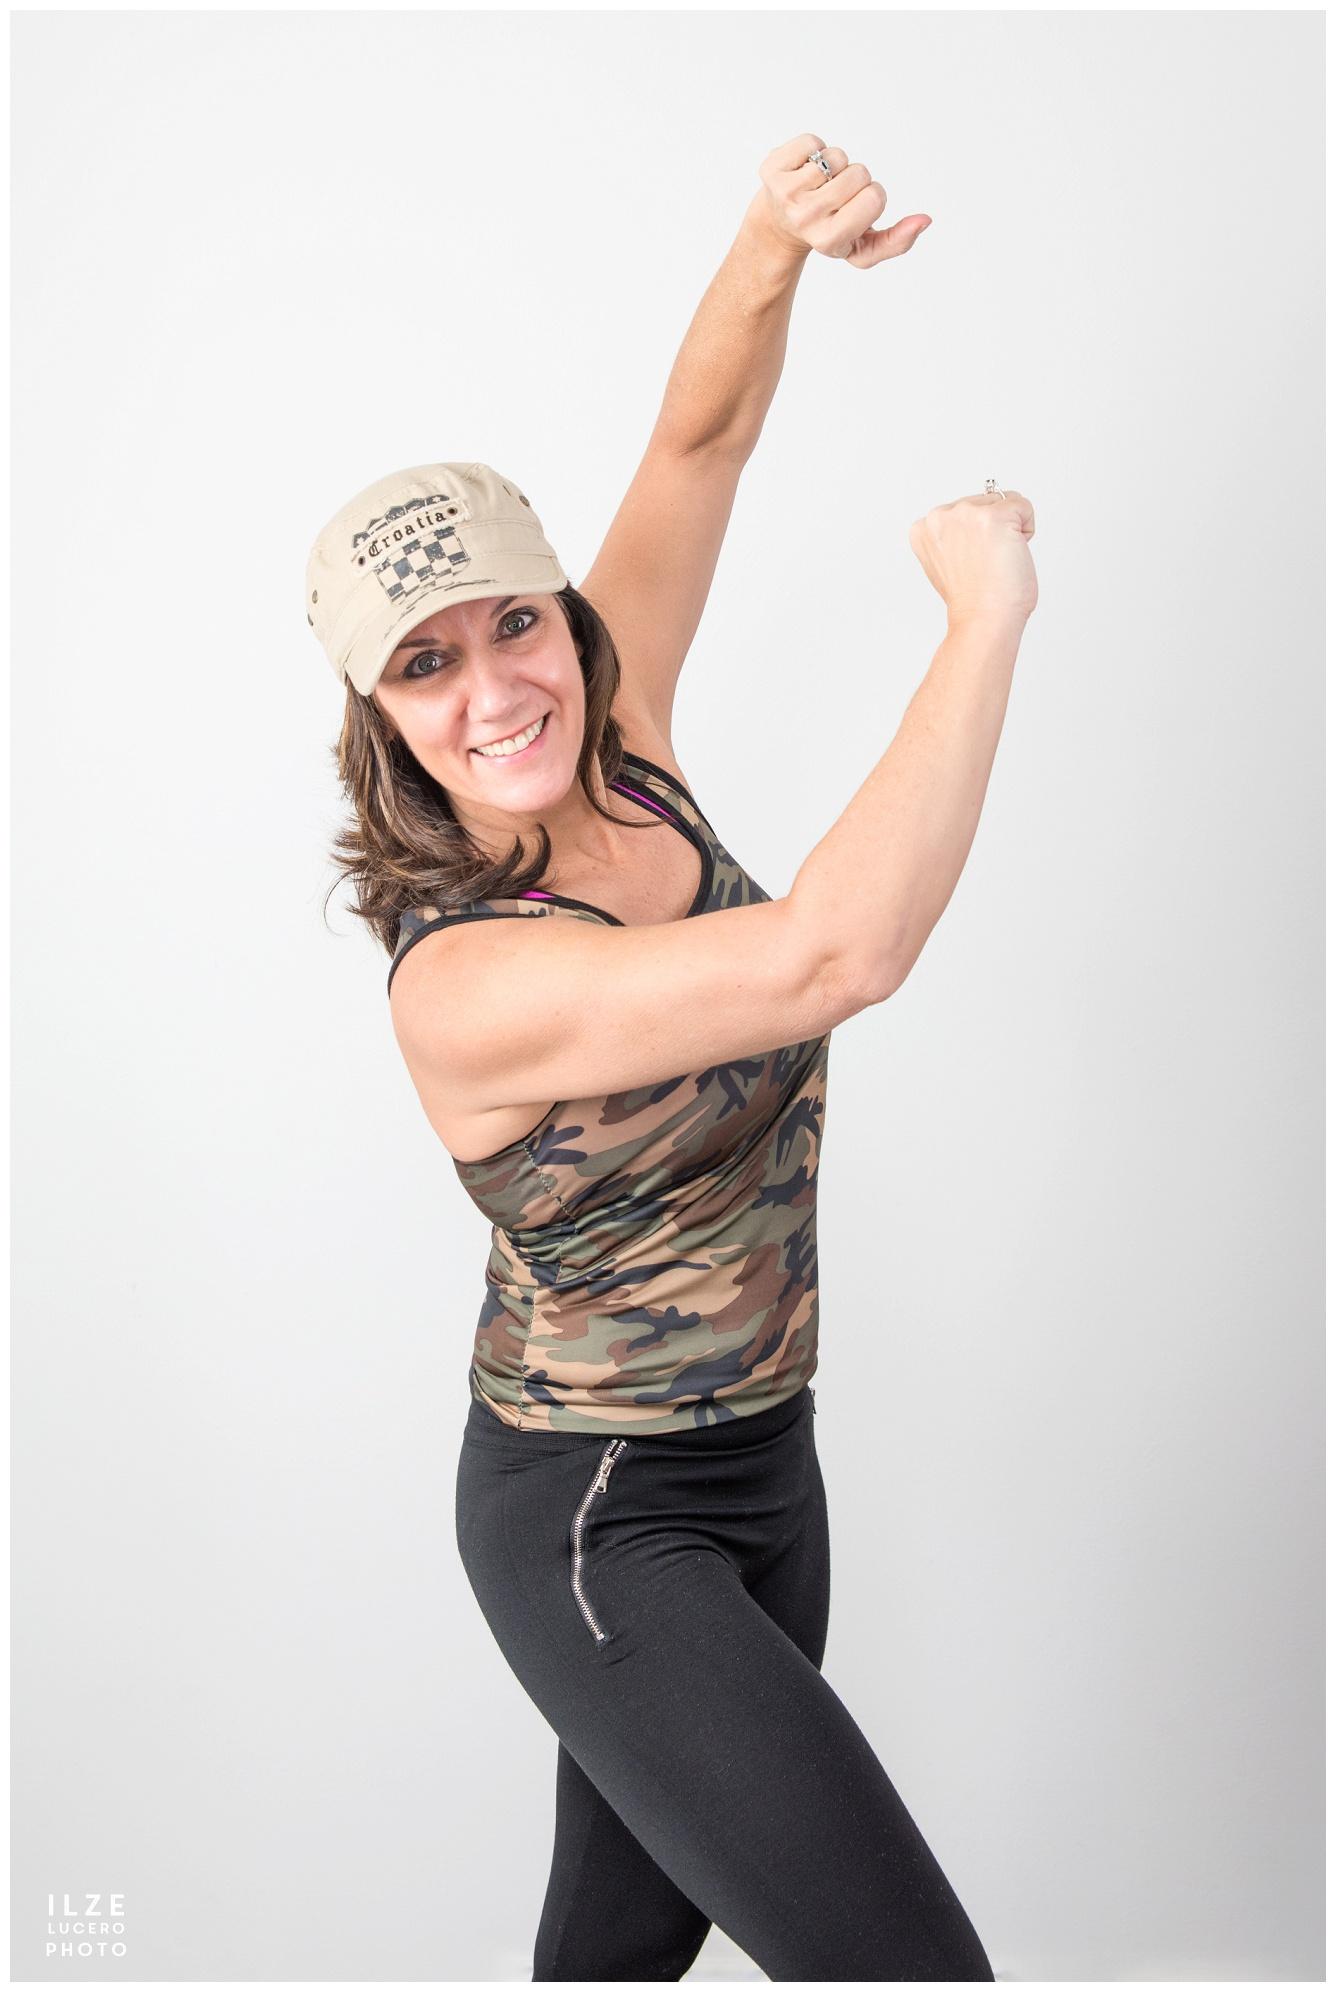 Teressa from Mueva Fitness